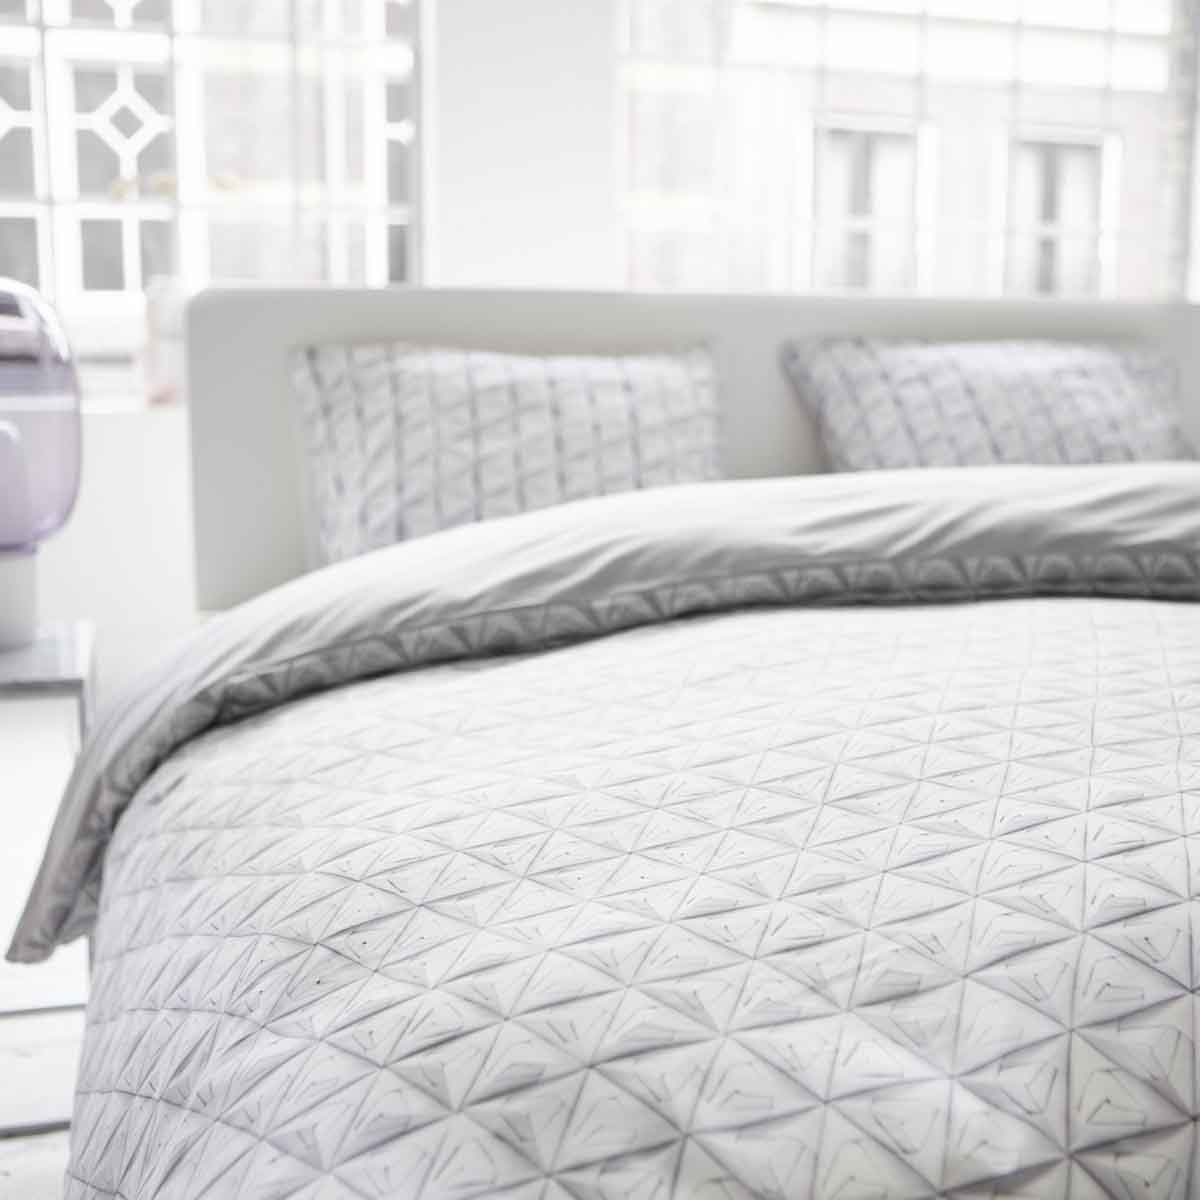 Snurk Bettwäsche Monogami White Weiß 135 X 200 Cm 100 Baumwolle